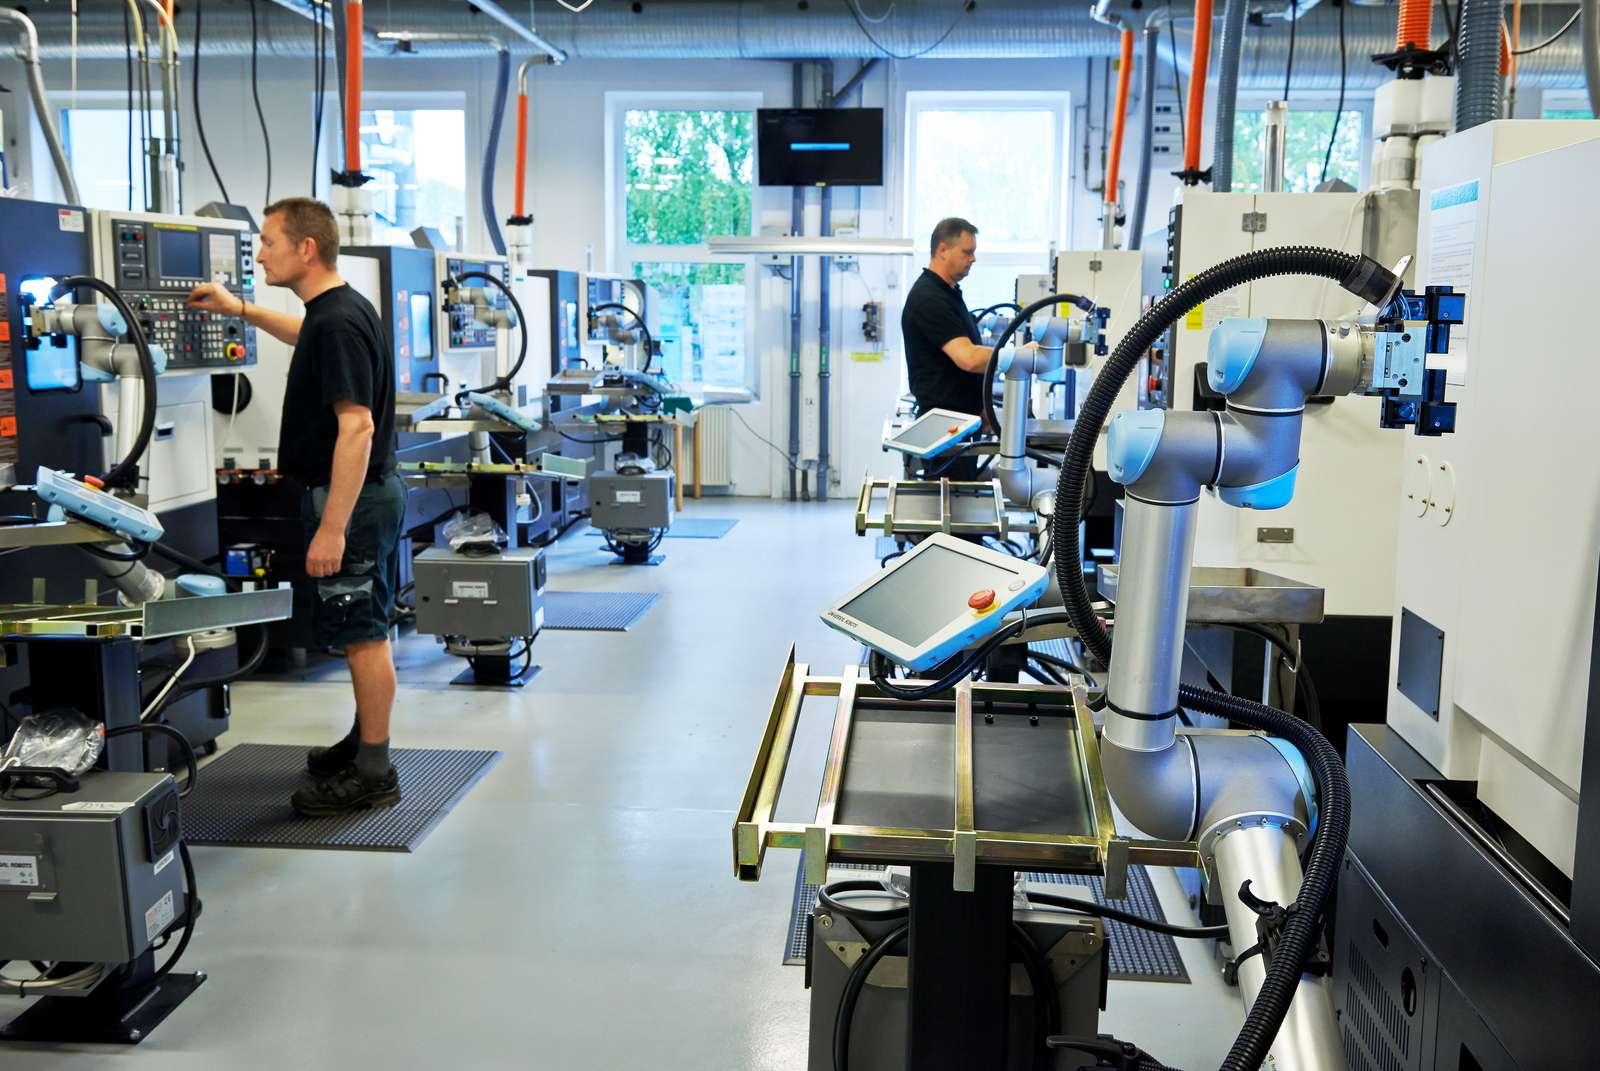 O recenzie asupra brațelor robotizate și rolul acestora la locul de muncă